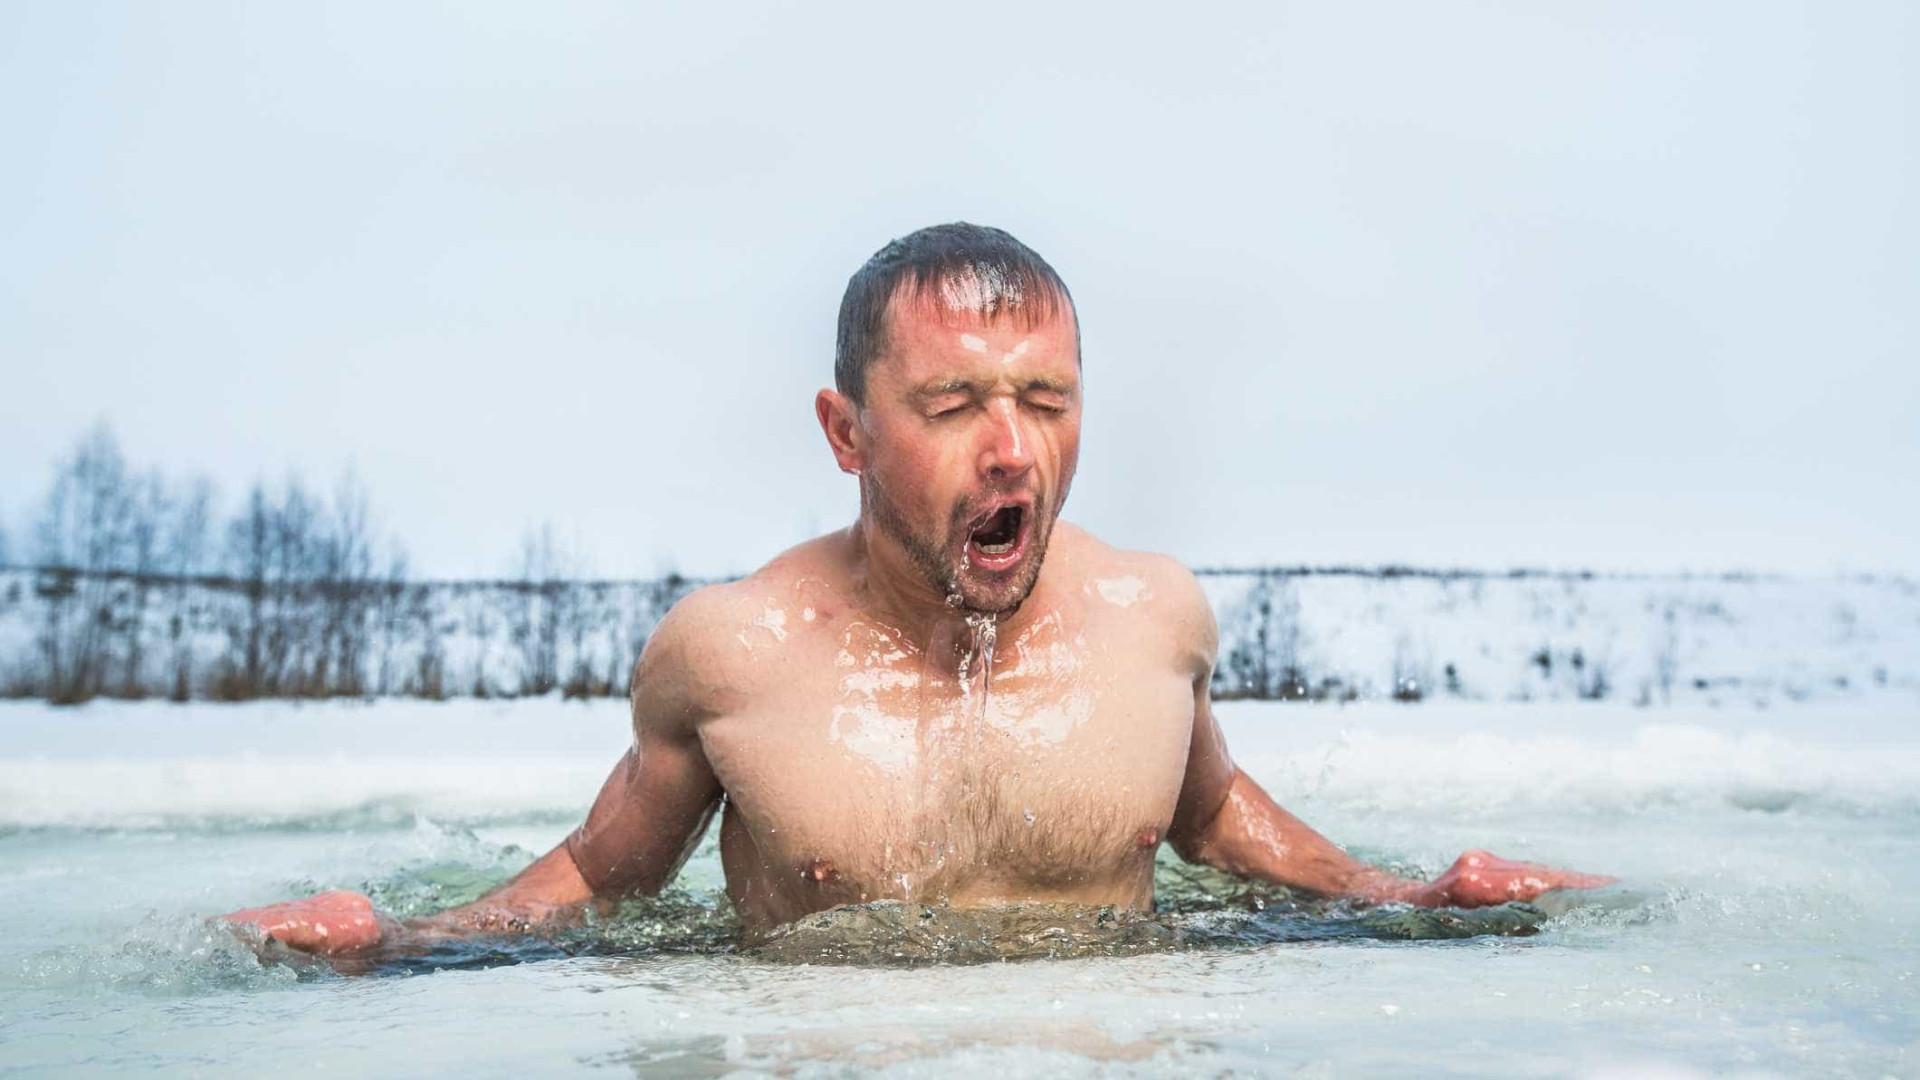 Amnésia depois de mergulhar em água fria? Sim, é possível